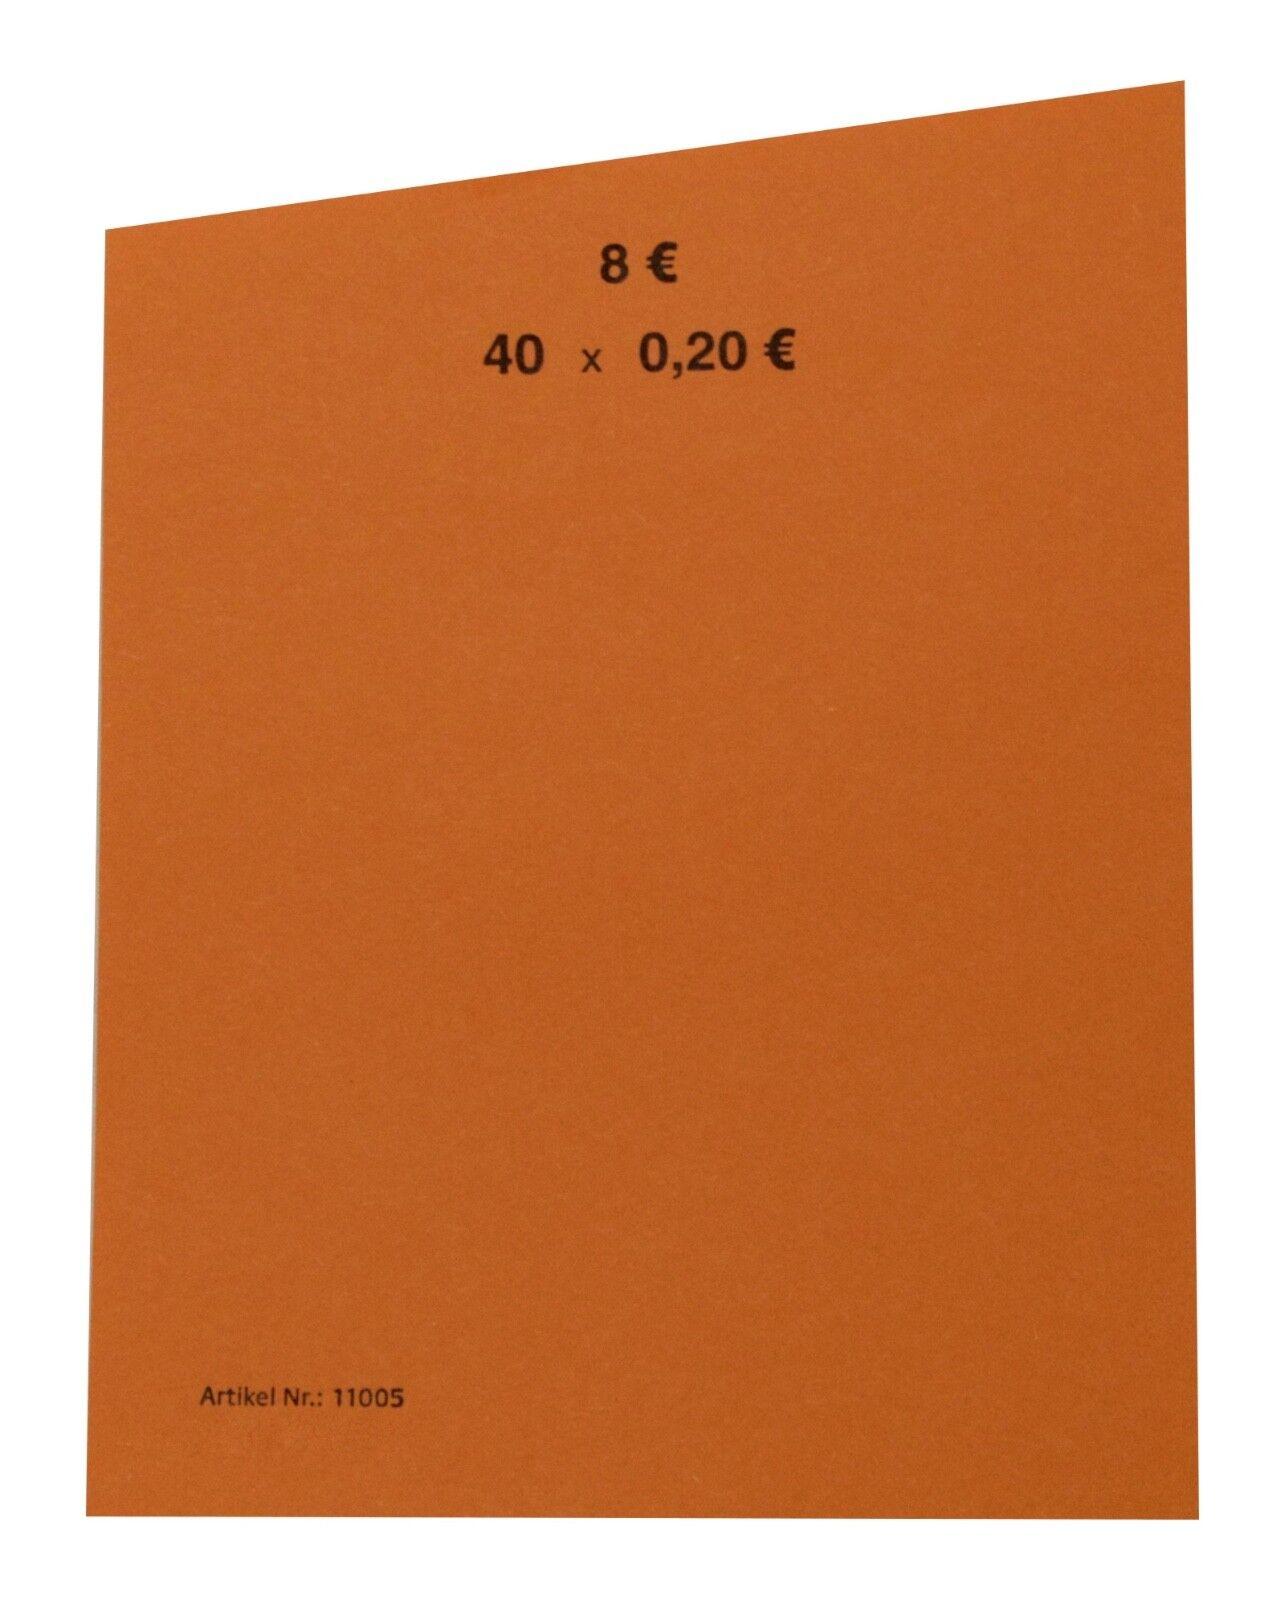 20 Cent 0,20 EURO Handrollpapier Rollpapier EUR Münzen Stückzahl von 50 bis 1000